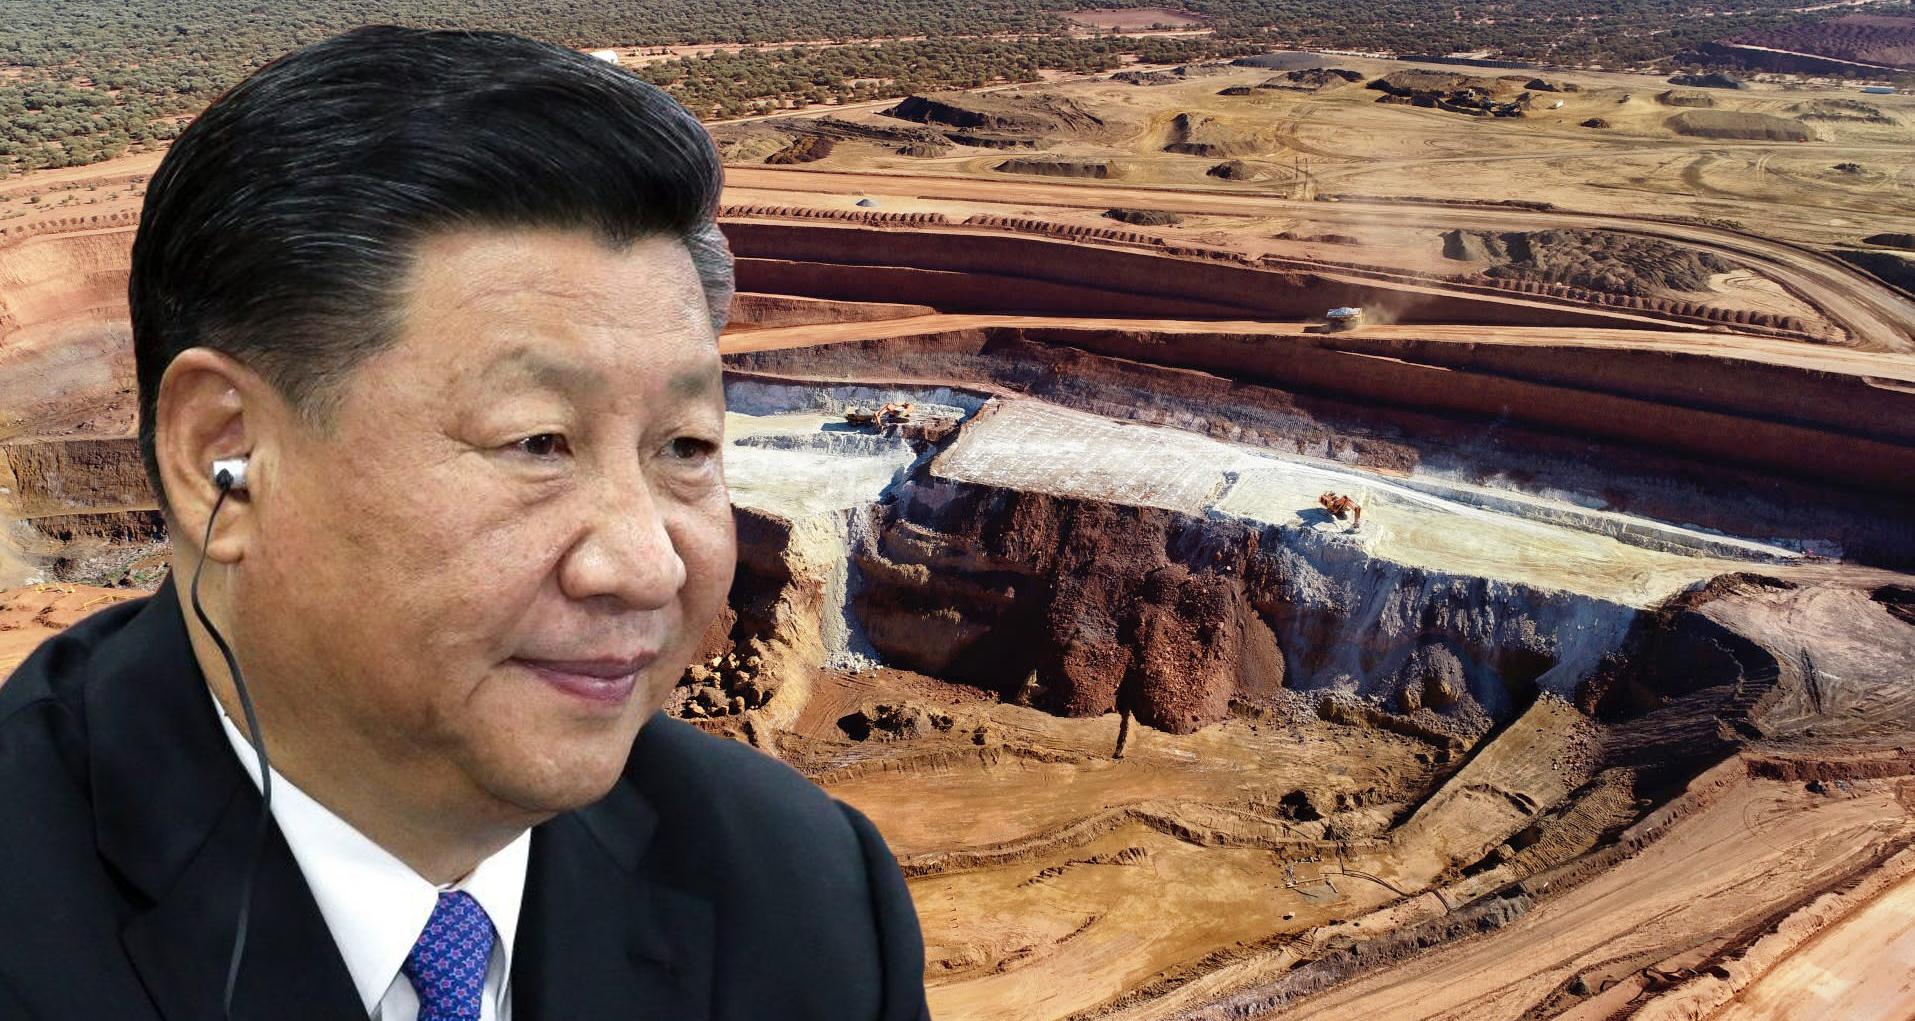 चीनले आफ्नो 'रेअर मसल'को शक्ति देखायो भने विश्वका आधुनिक उद्योगको ढाड भाँचिनेछ